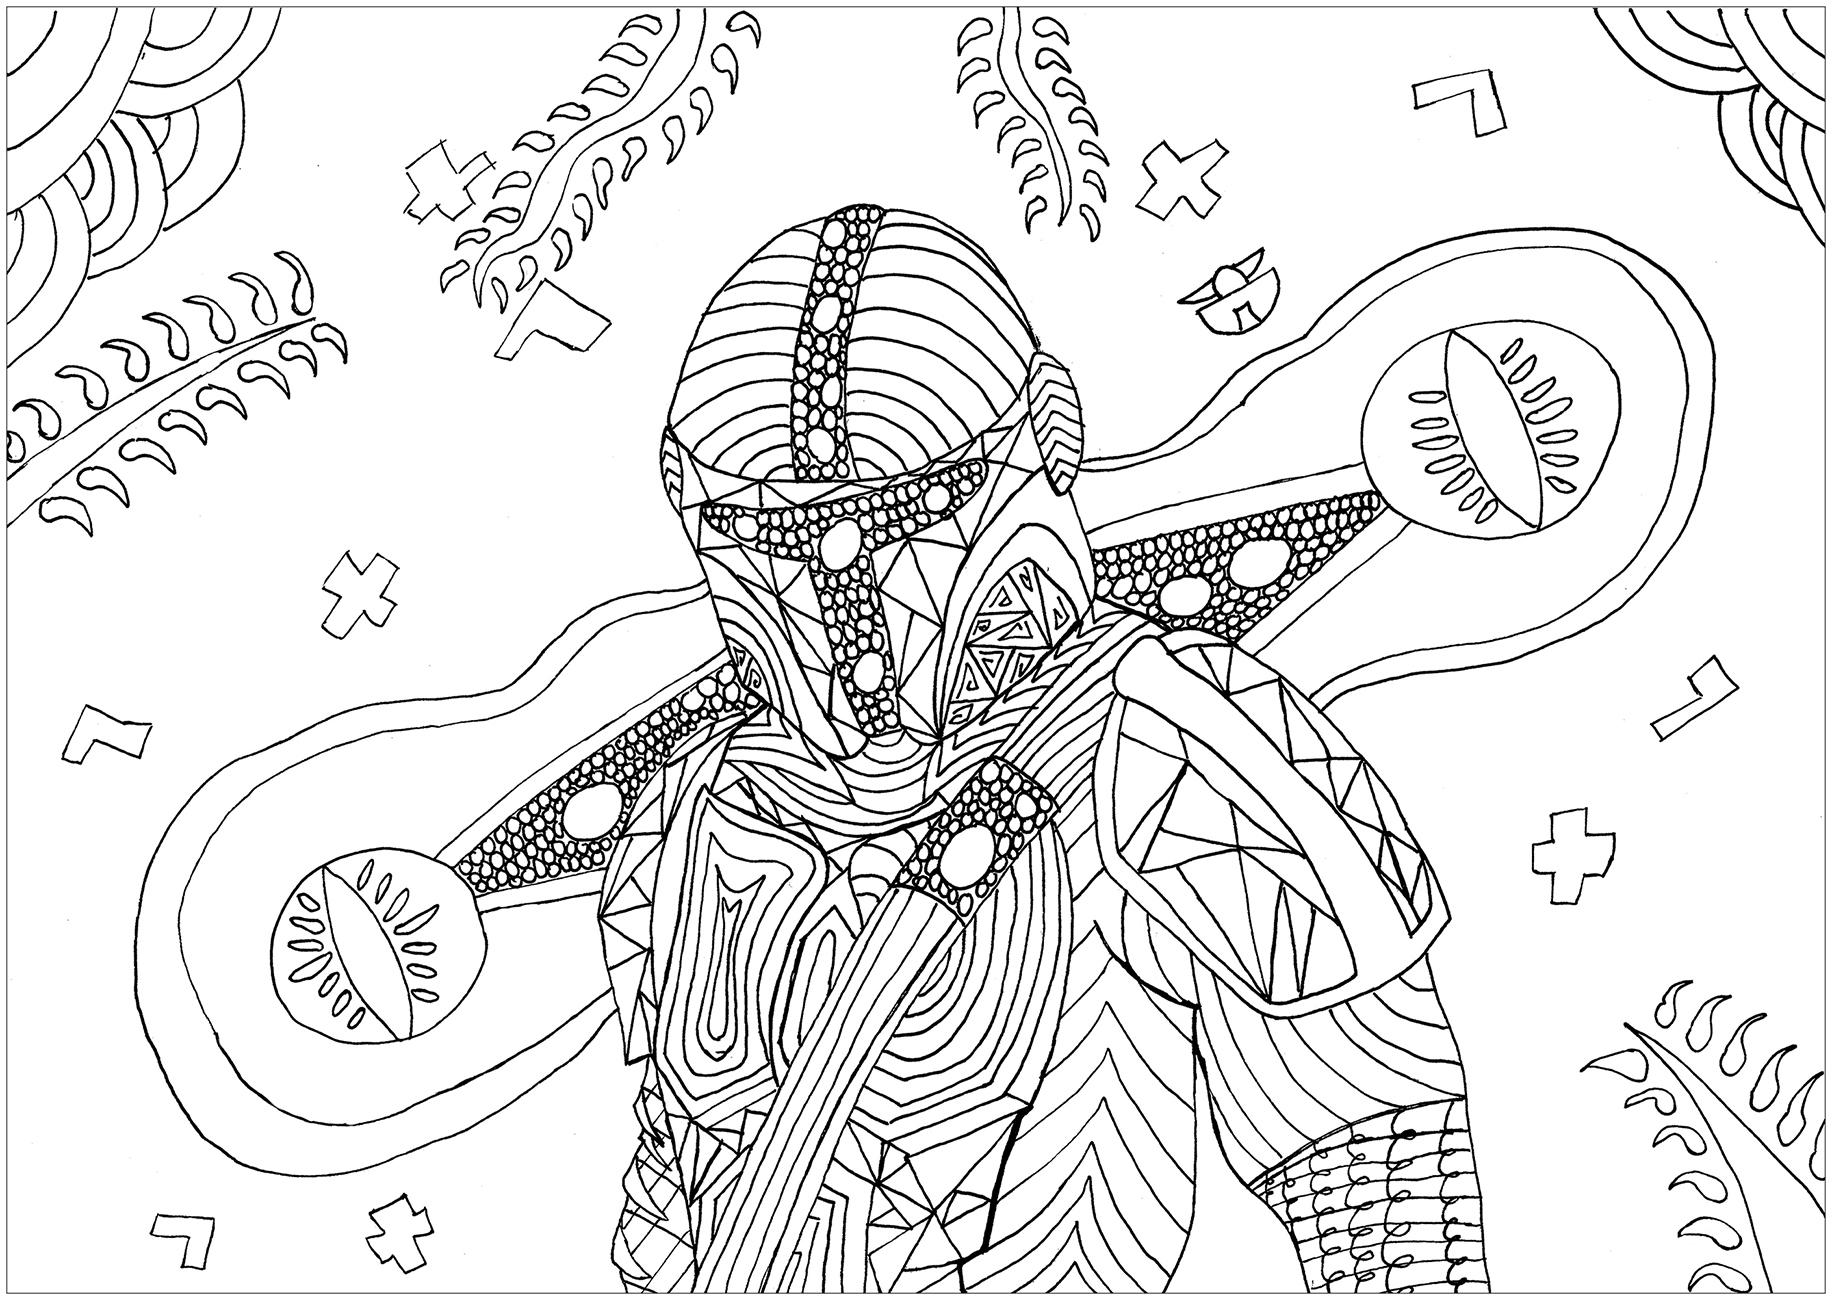 Coloriage Fan Art inspiré de la série Star Wars Le Mandalorien